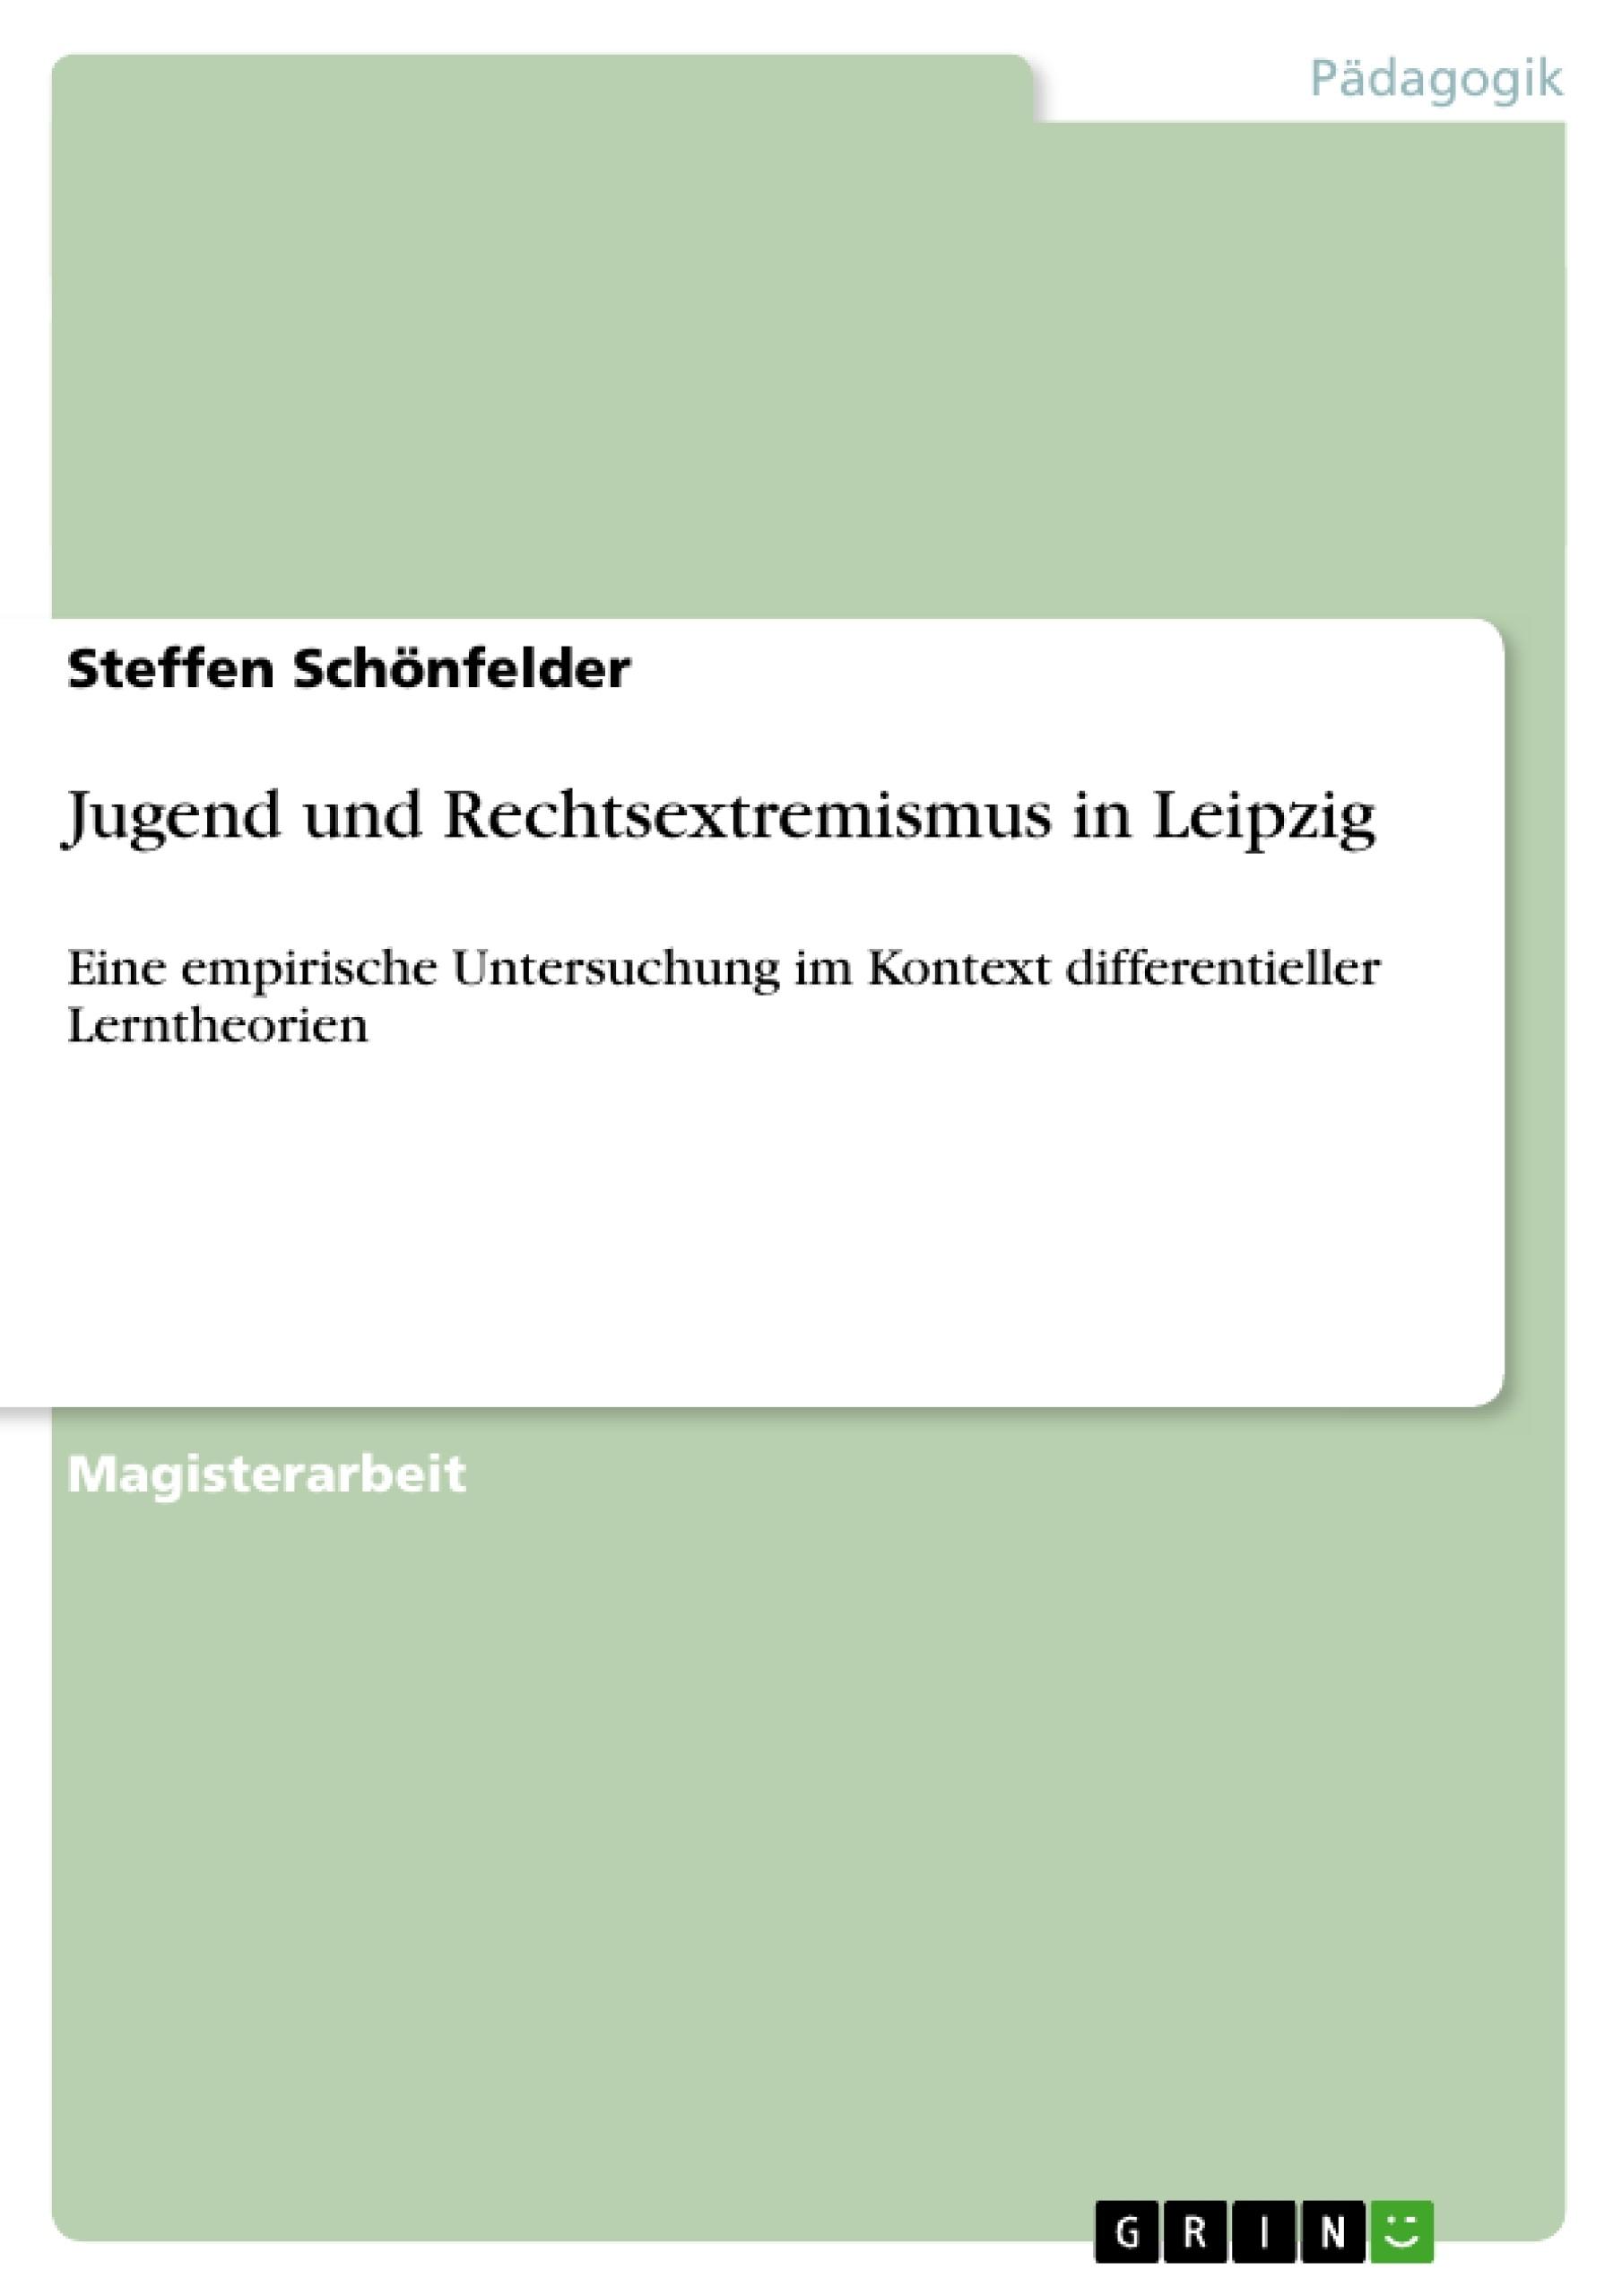 Titel: Jugend und Rechtsextremismus in Leipzig